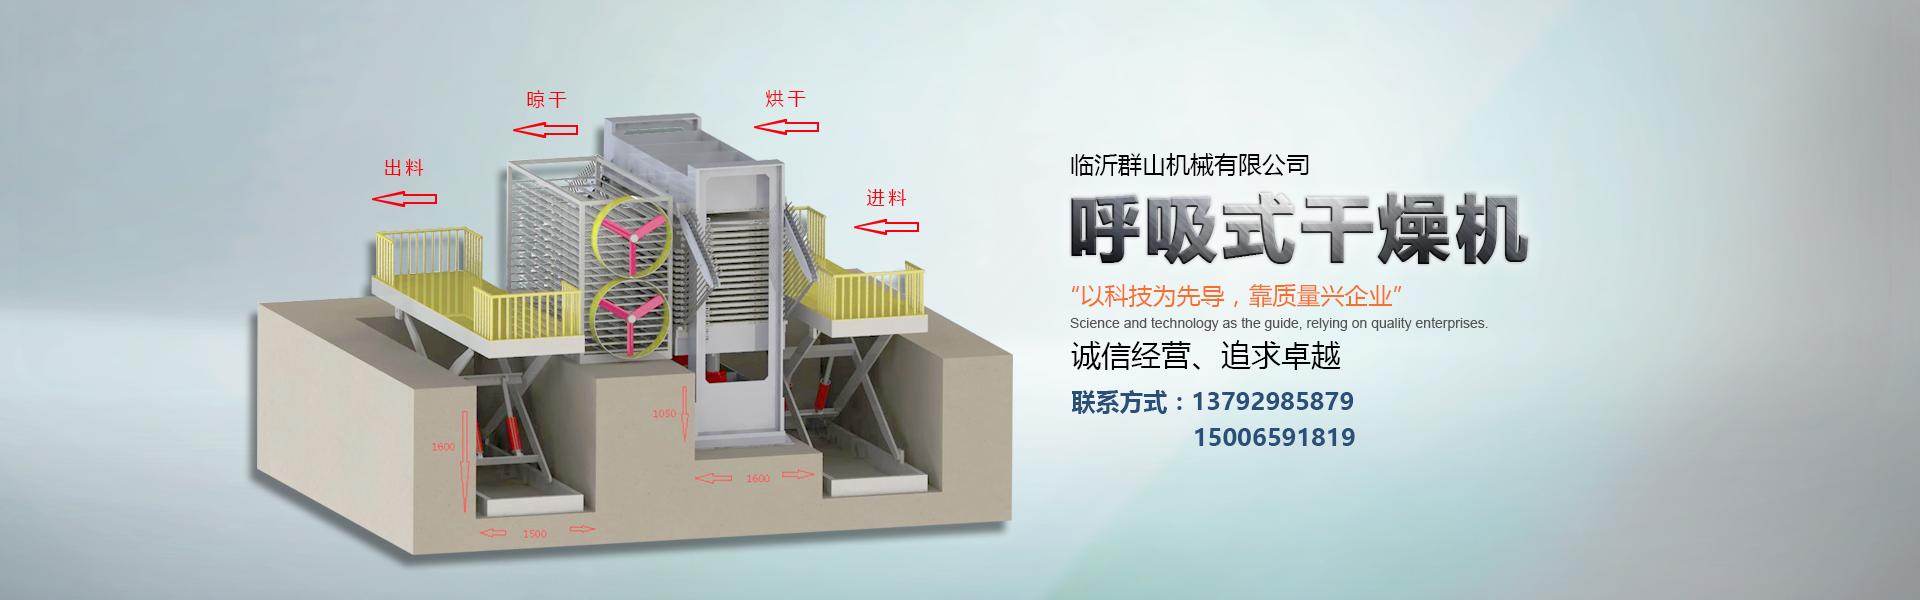 旋切流水线,液压打圆机,数控旋切机,滚筒式烘干机设备厂家,临沂群山机械有限公司